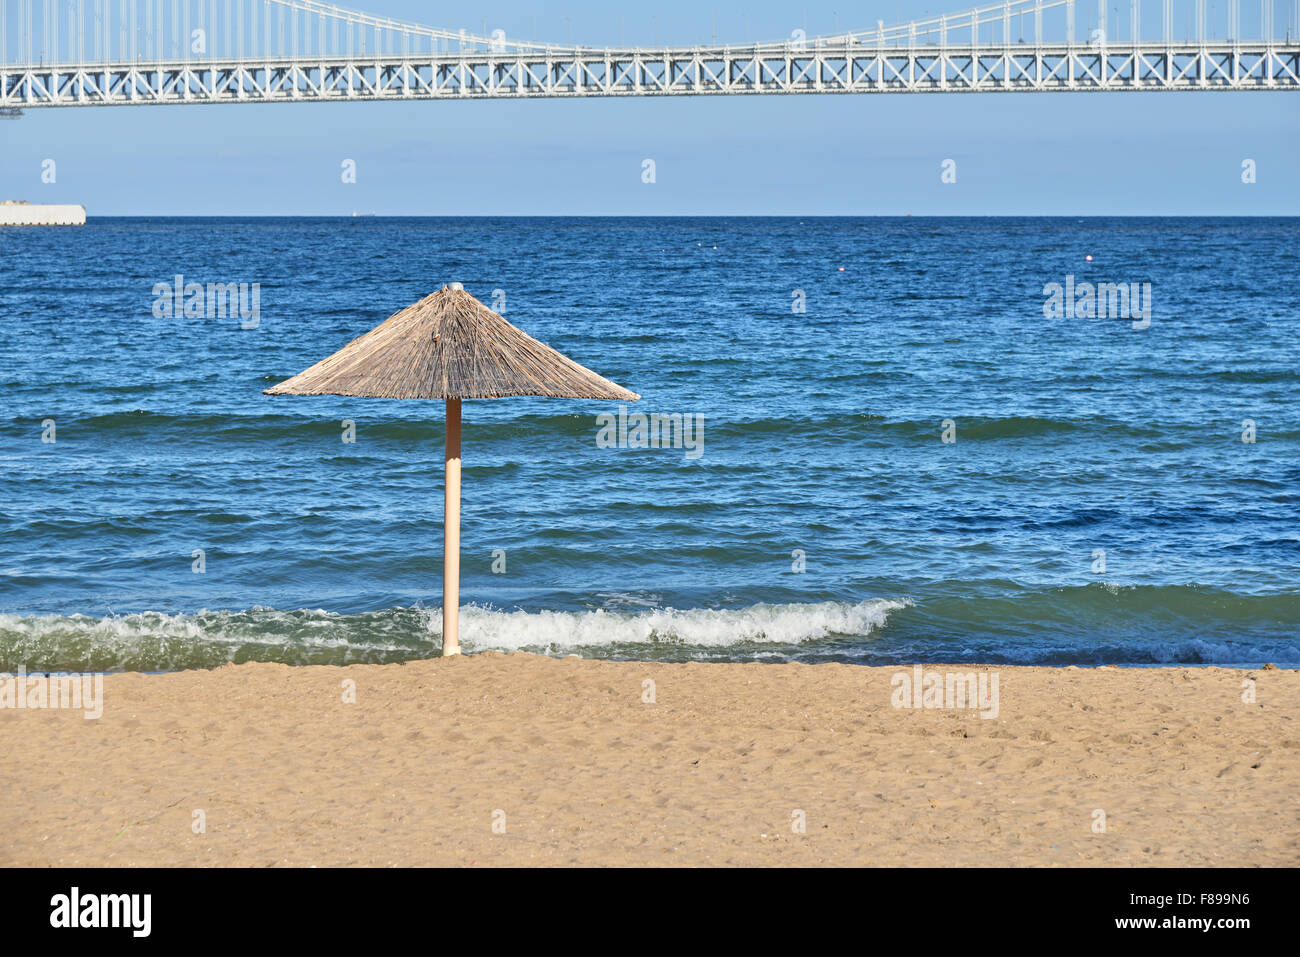 straw umbrella at Gwangalli beach. Gwangan beach is located west of Haeundae beach in Busan and famous for the Gwangan - Stock Image